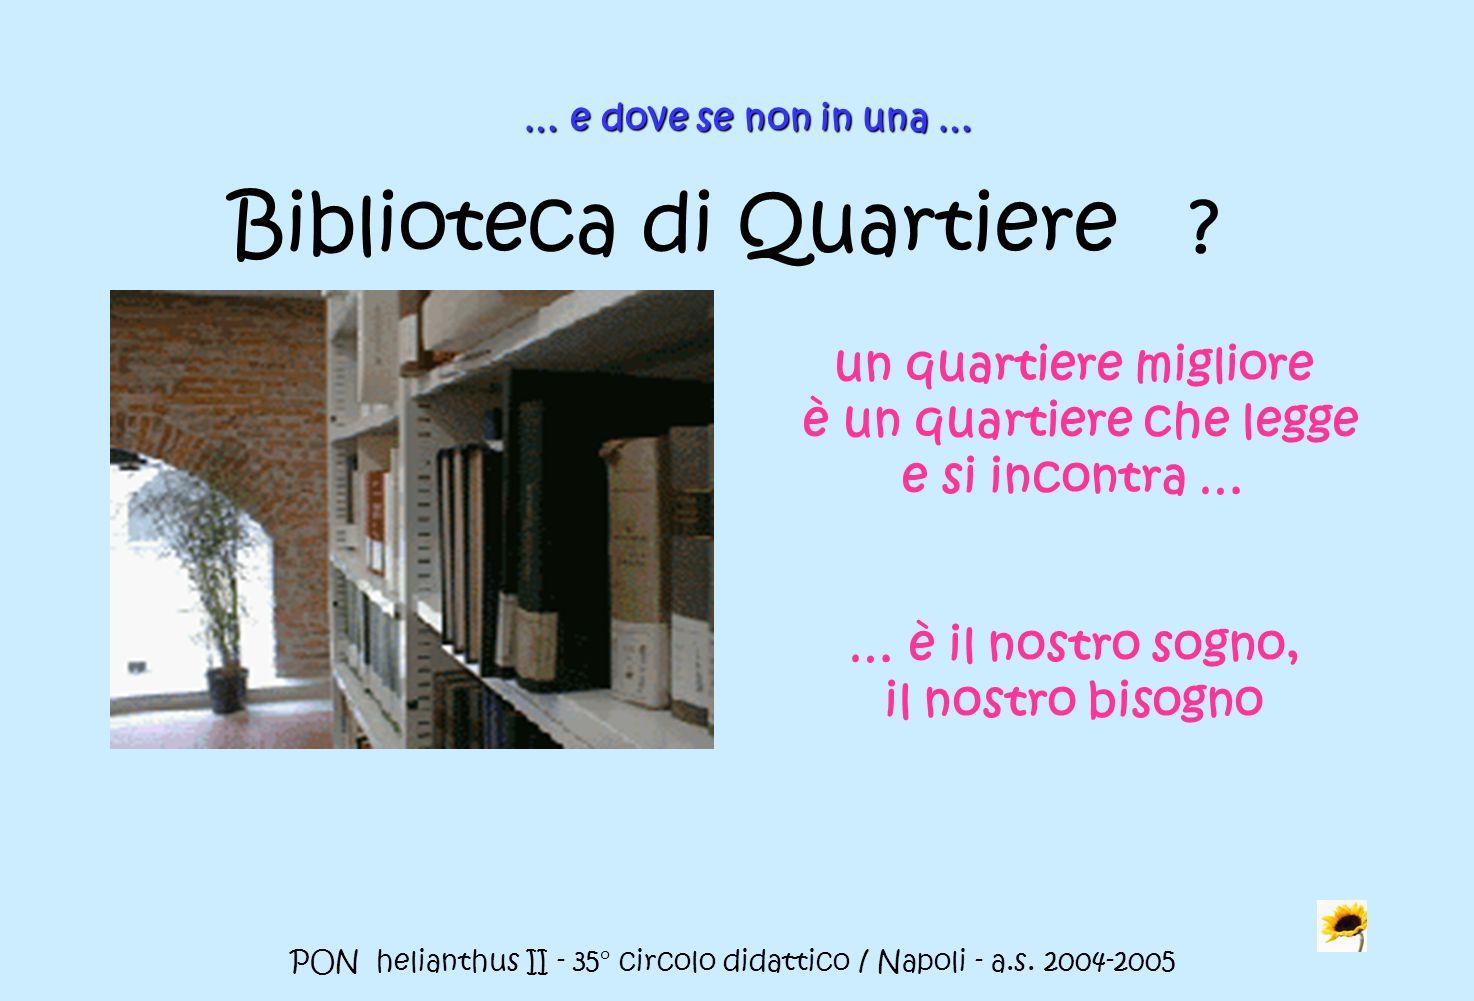 PON helianthus II - 35° circolo didattico / Napoli - a.s. 2004-2005 un quartiere migliore è un quartiere che legge e si incontra … … è il nostro sogno